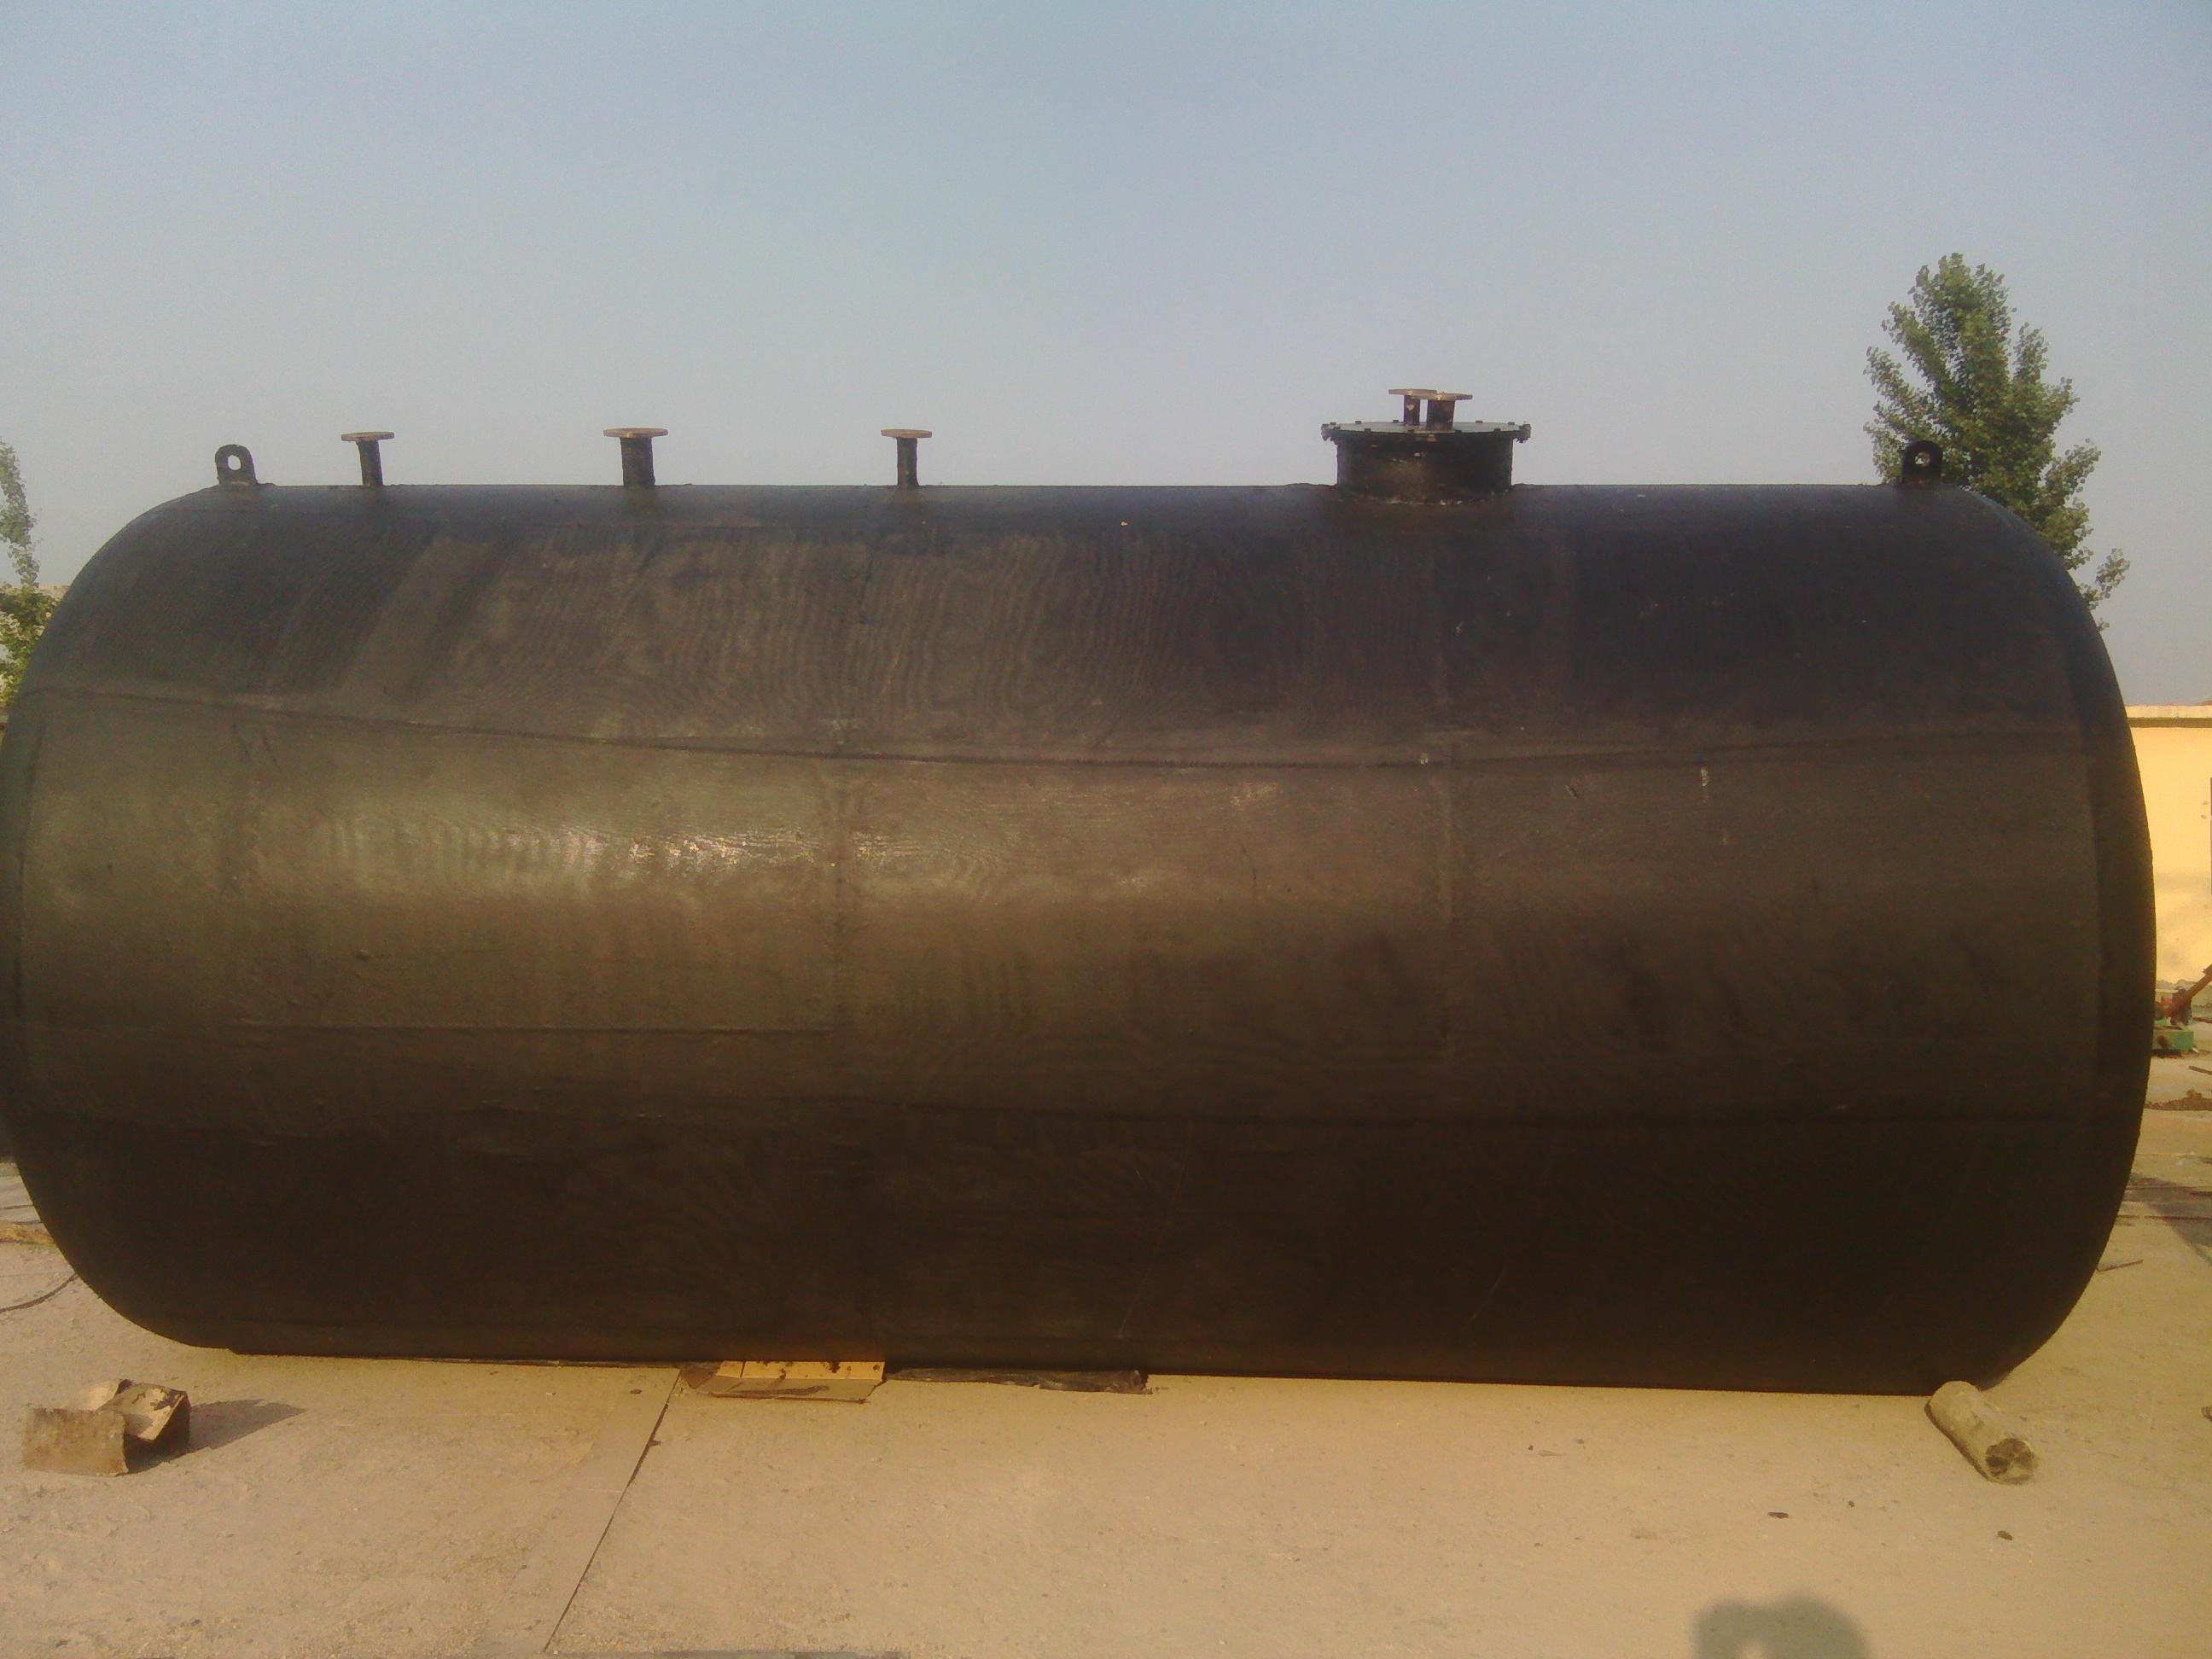 内蒙sf双层油罐生产厂家介绍sf双层油罐起源及保养